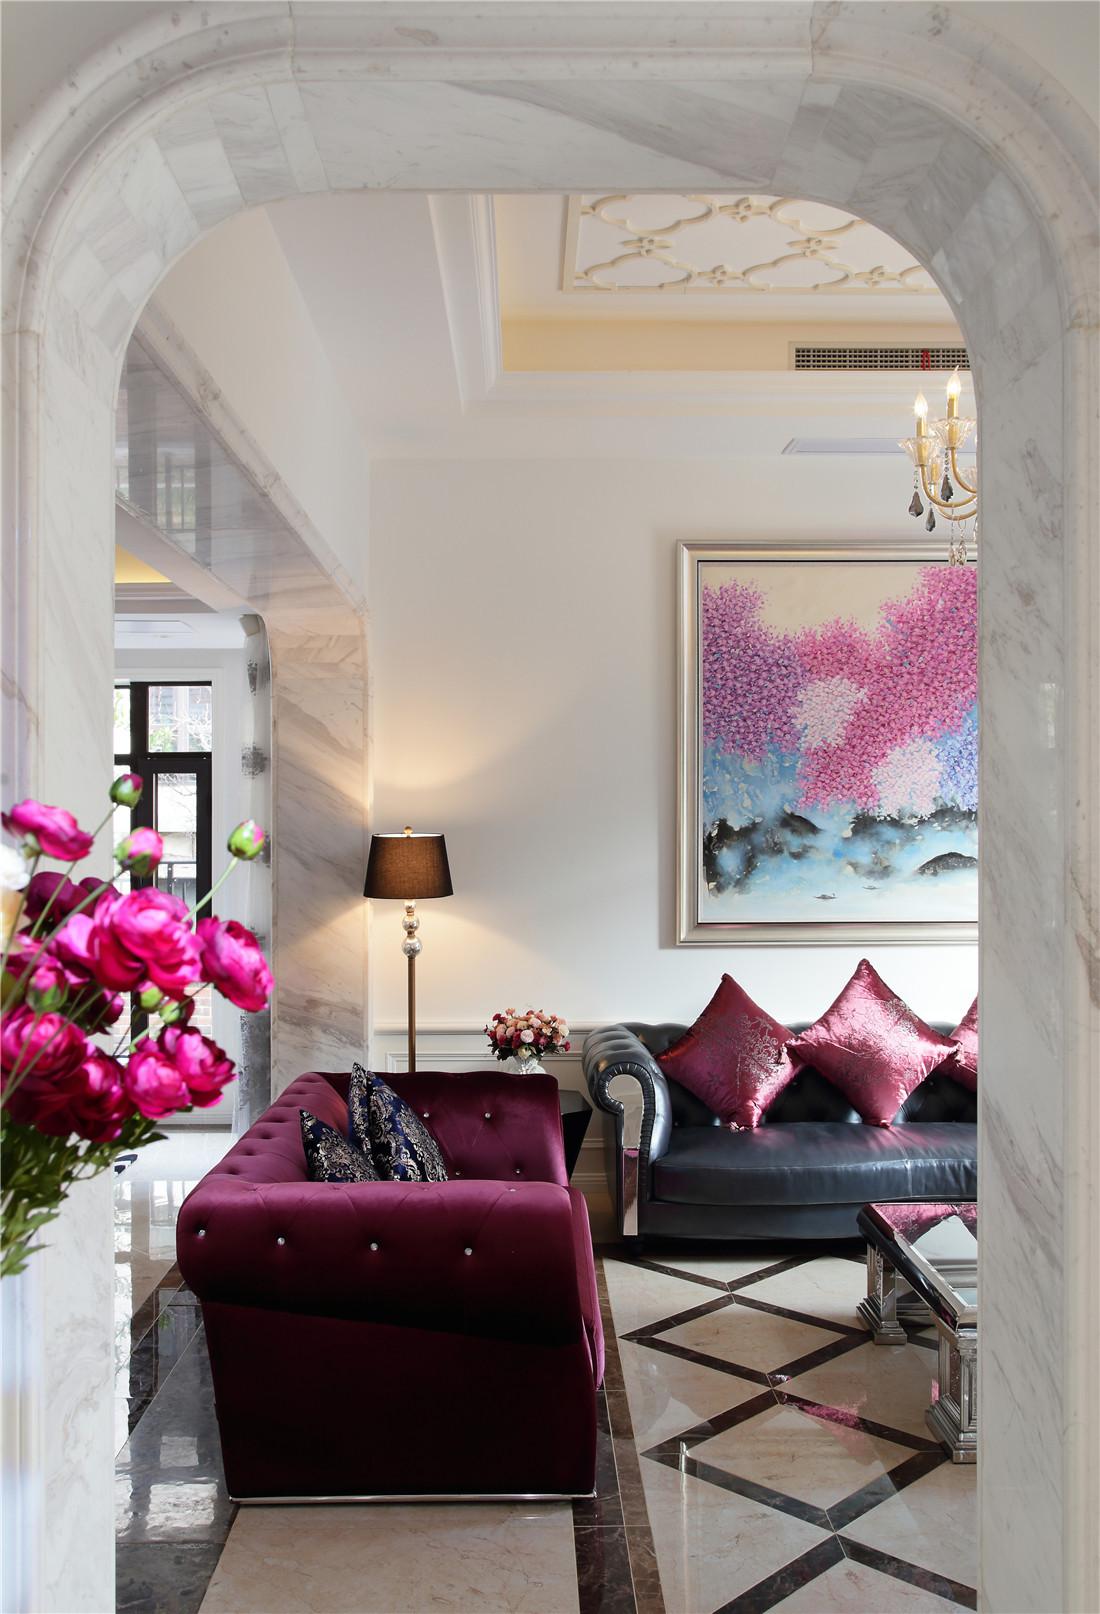 新古典风格别墅装修沙发背景墙图片